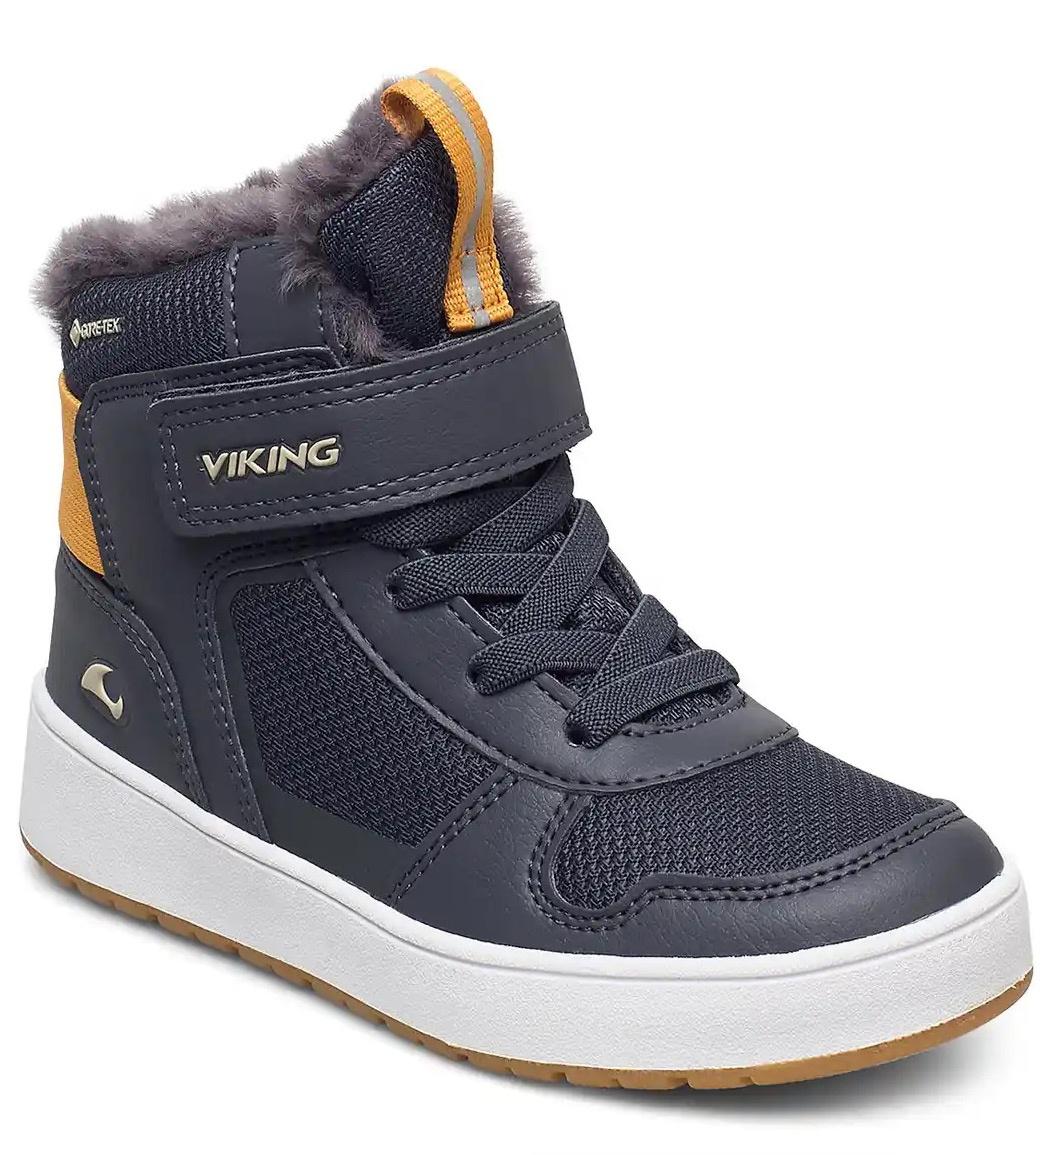 Купить 3-90170-505, Ботинки для детей Viking цв. синий р-р. 37,